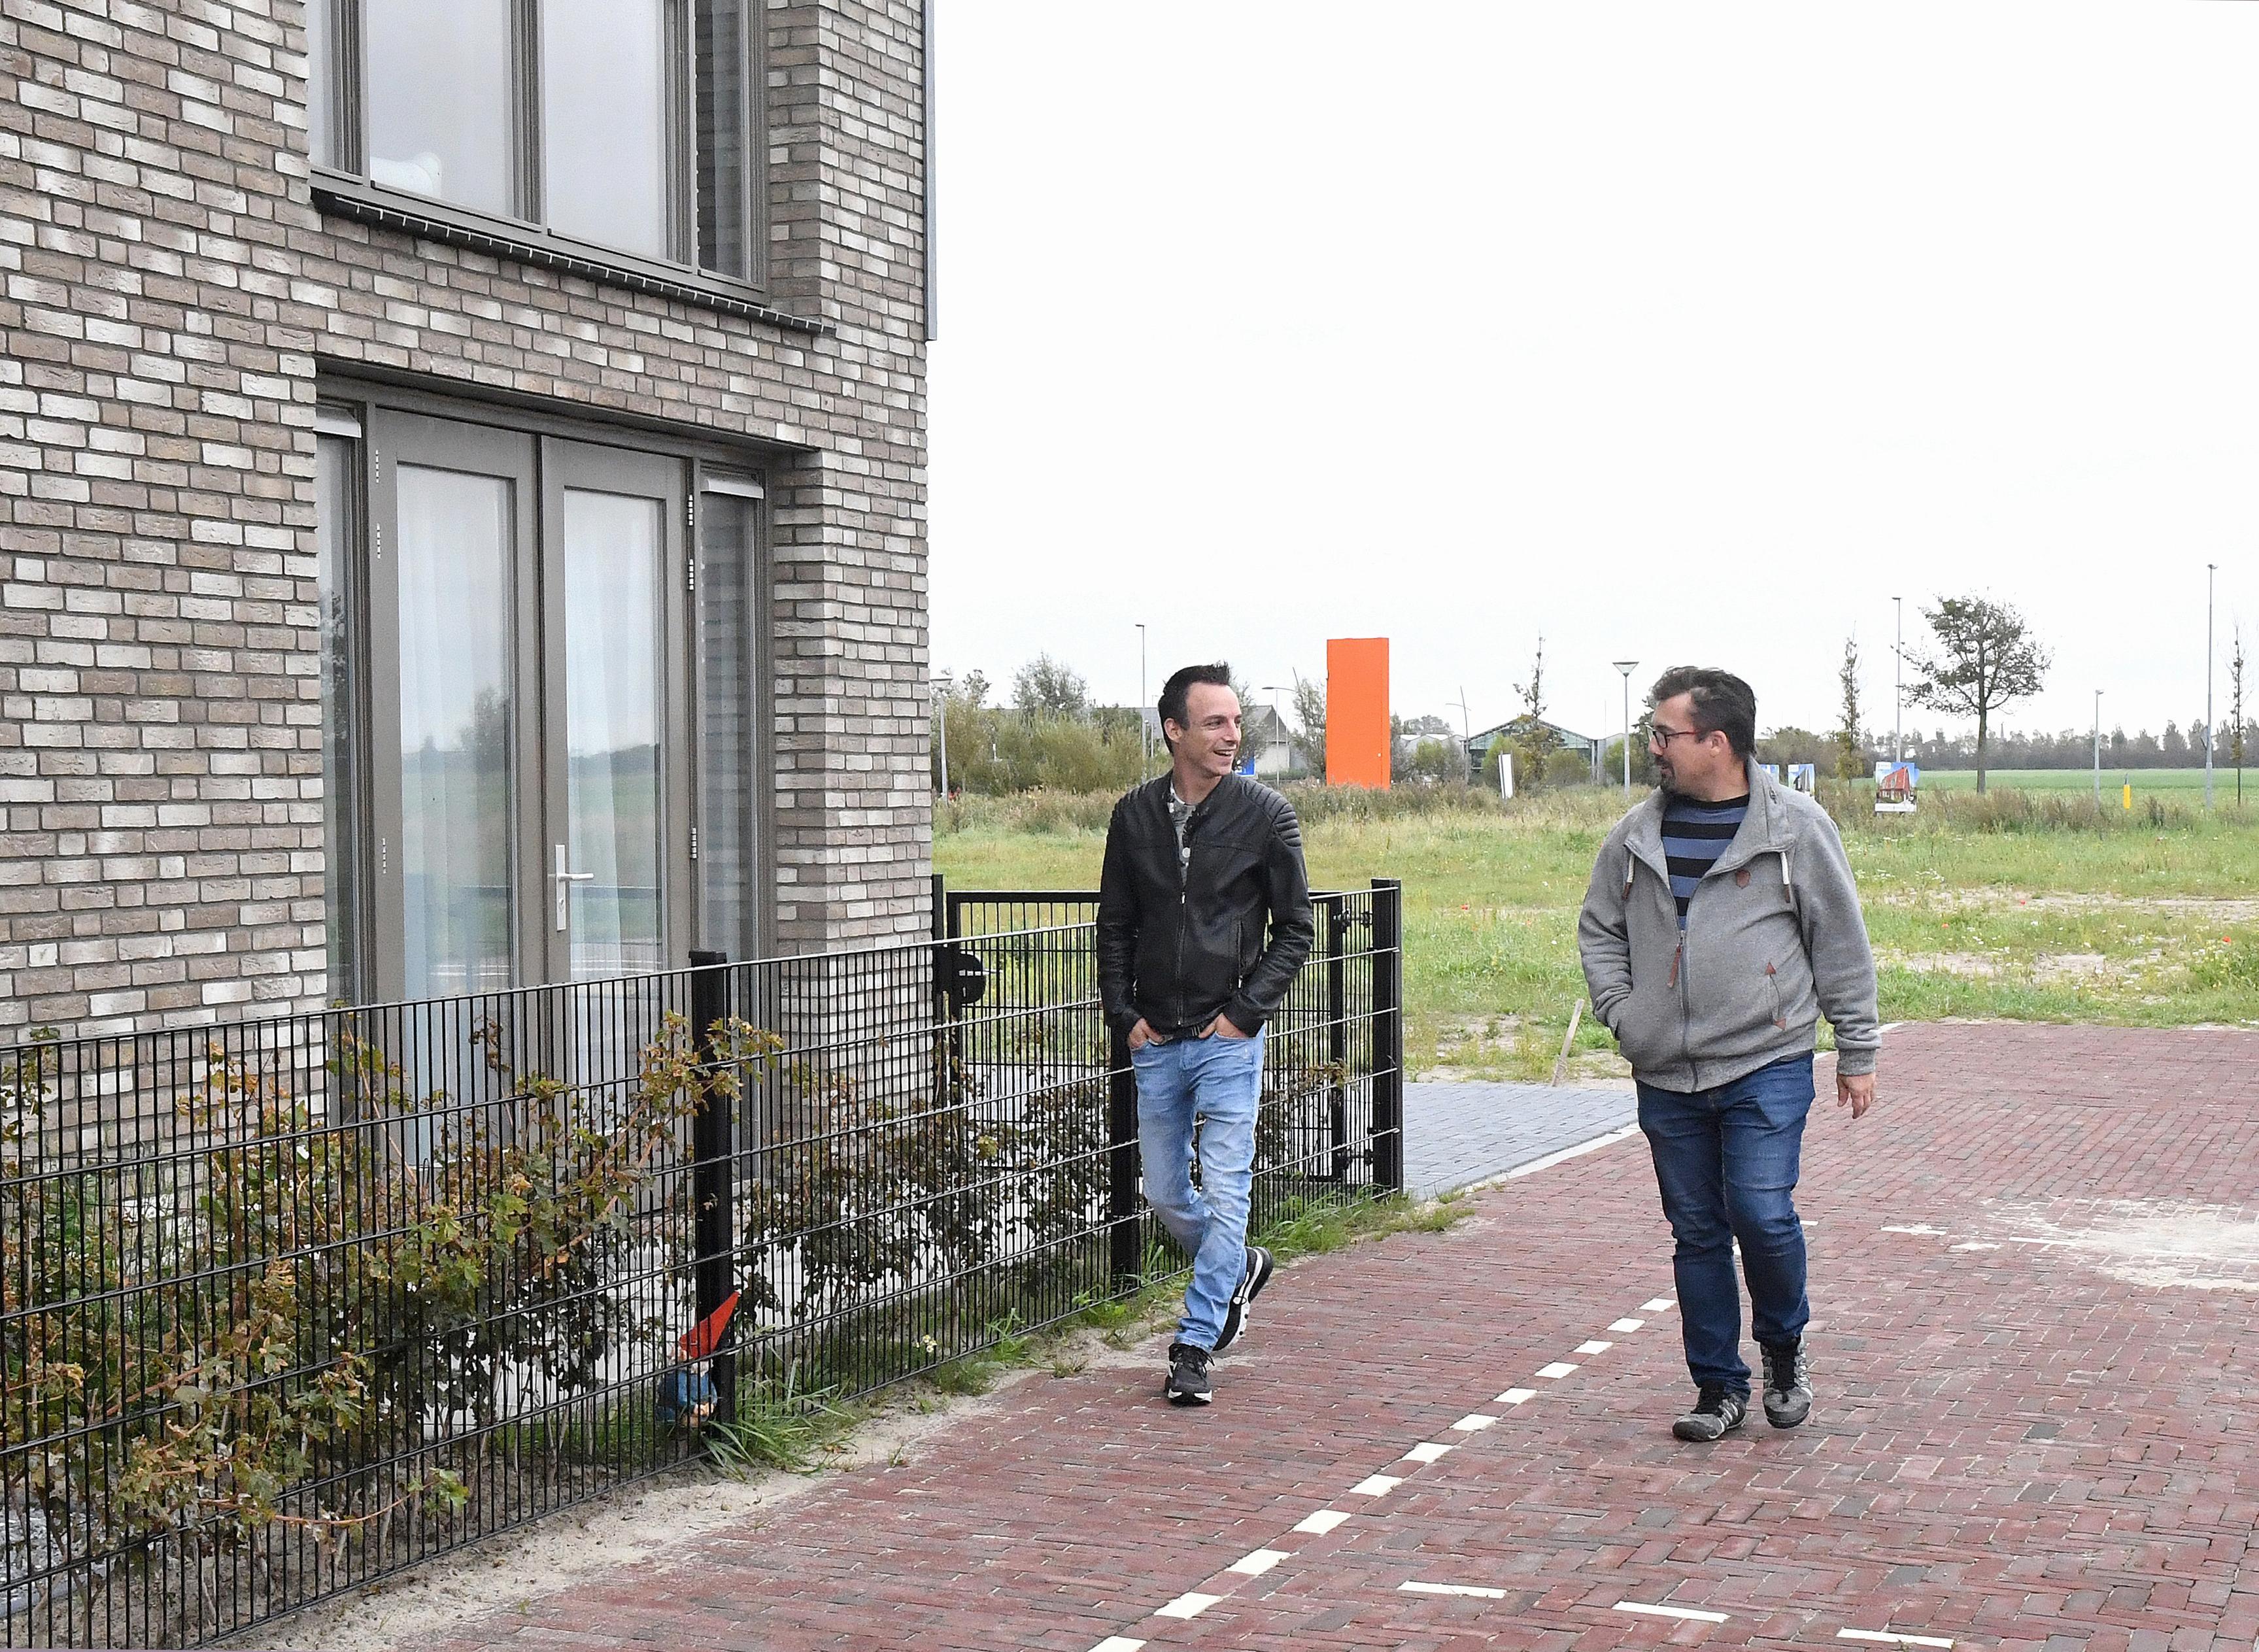 Omwonende van perceel in Julianadorp waarop een woon-zorgcomplex moet komen, kon volgens makelaar weten van dat voornemen. 'Dit is een toneelstuk'